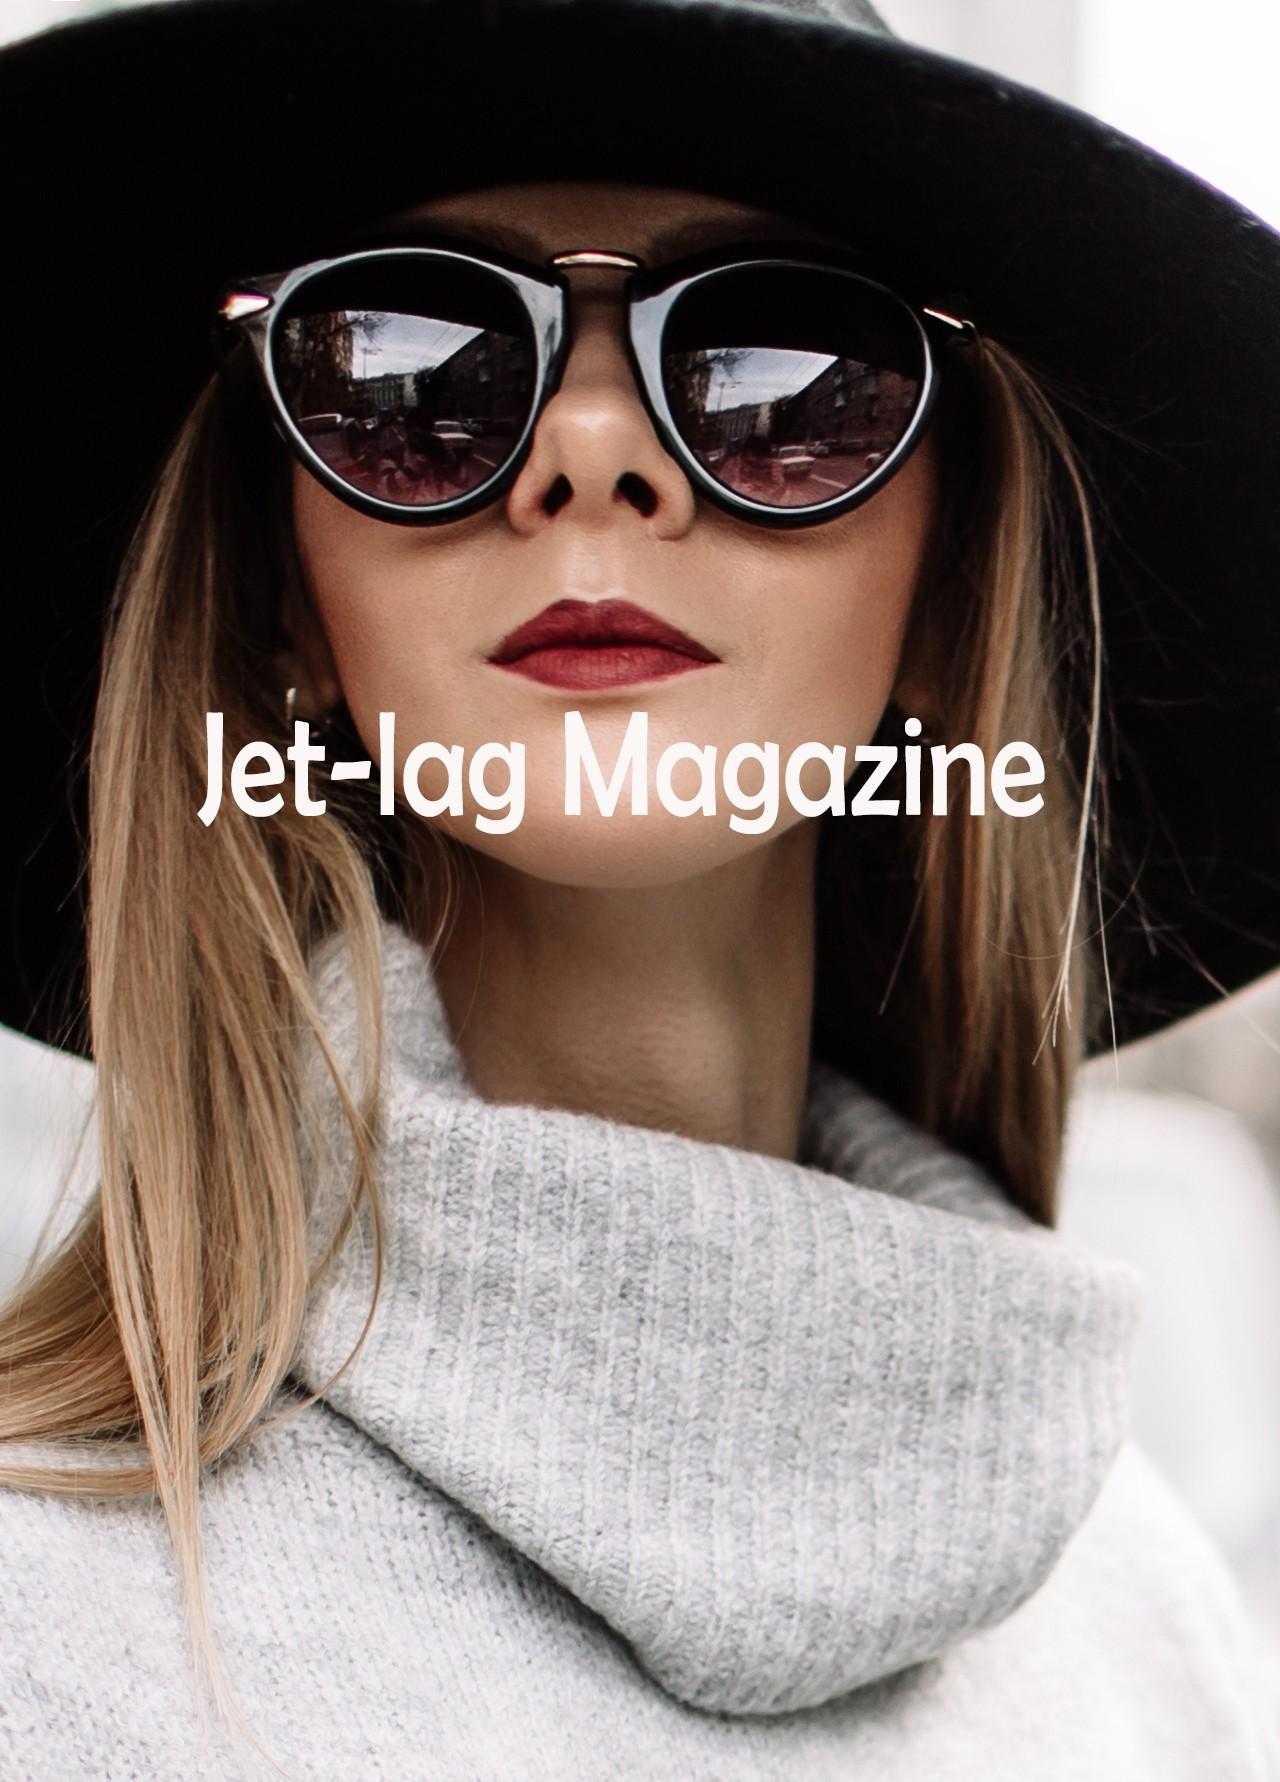 Jet-lag Magazine n°17